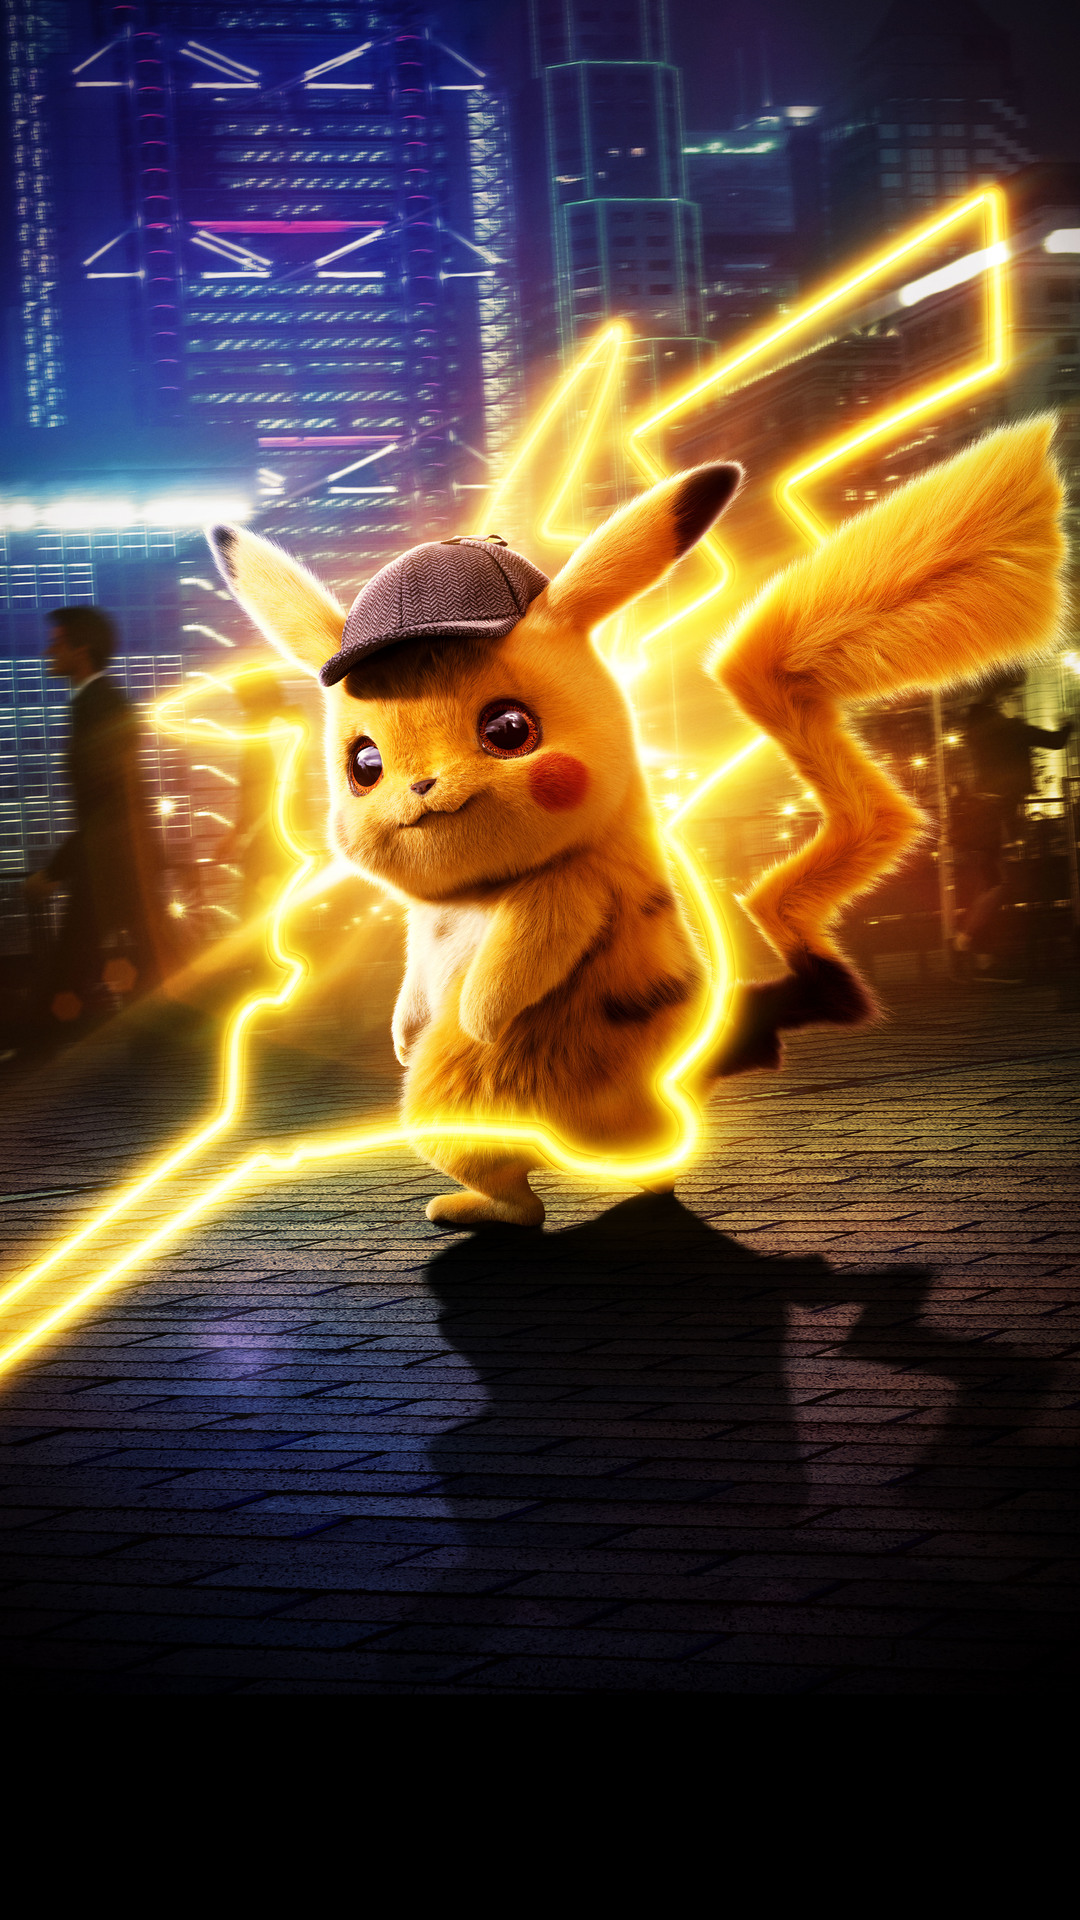 pokemon detective pikachu cute wallpaper